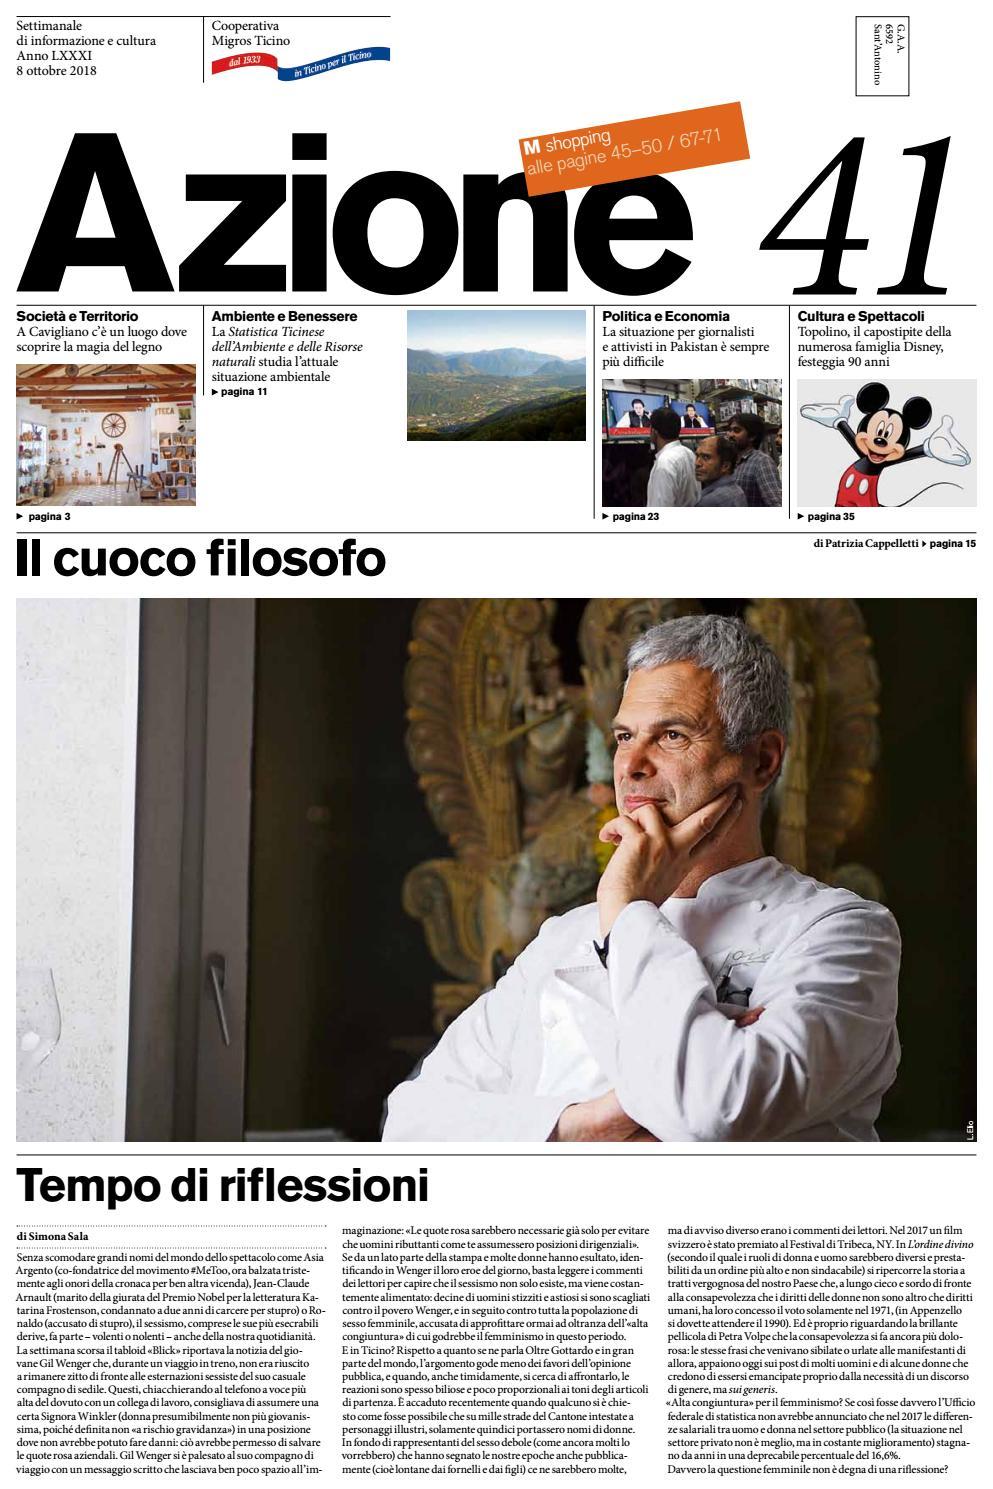 7d47636edc Azione 41 del 8 ottobre 2018 by Azione, Settimanale di Migros Ticino - issuu